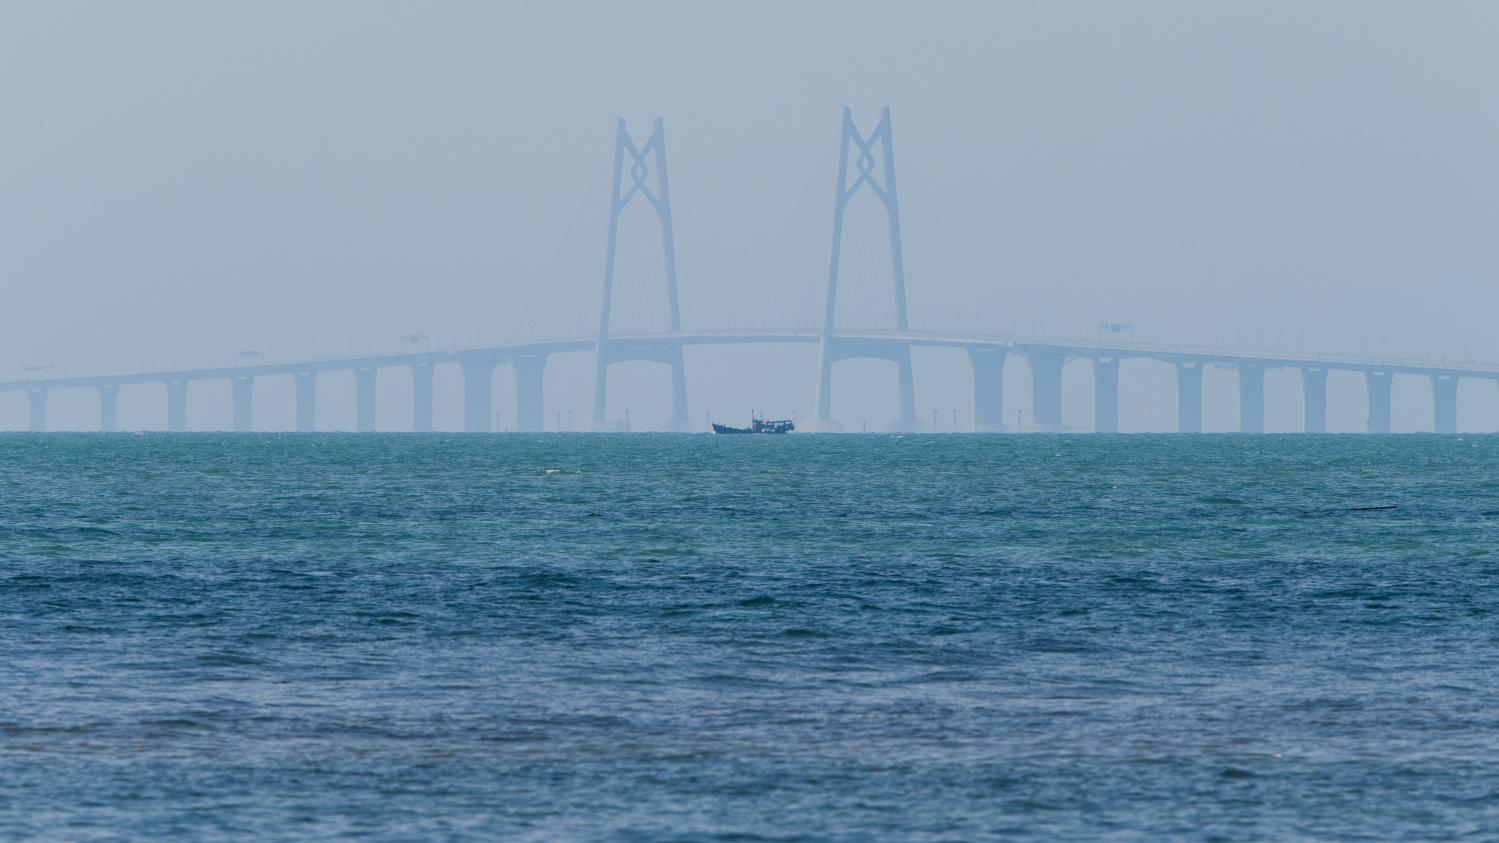 en chine le pont le plus long du monde au dessus de la mer relie hong kong macao. Black Bedroom Furniture Sets. Home Design Ideas